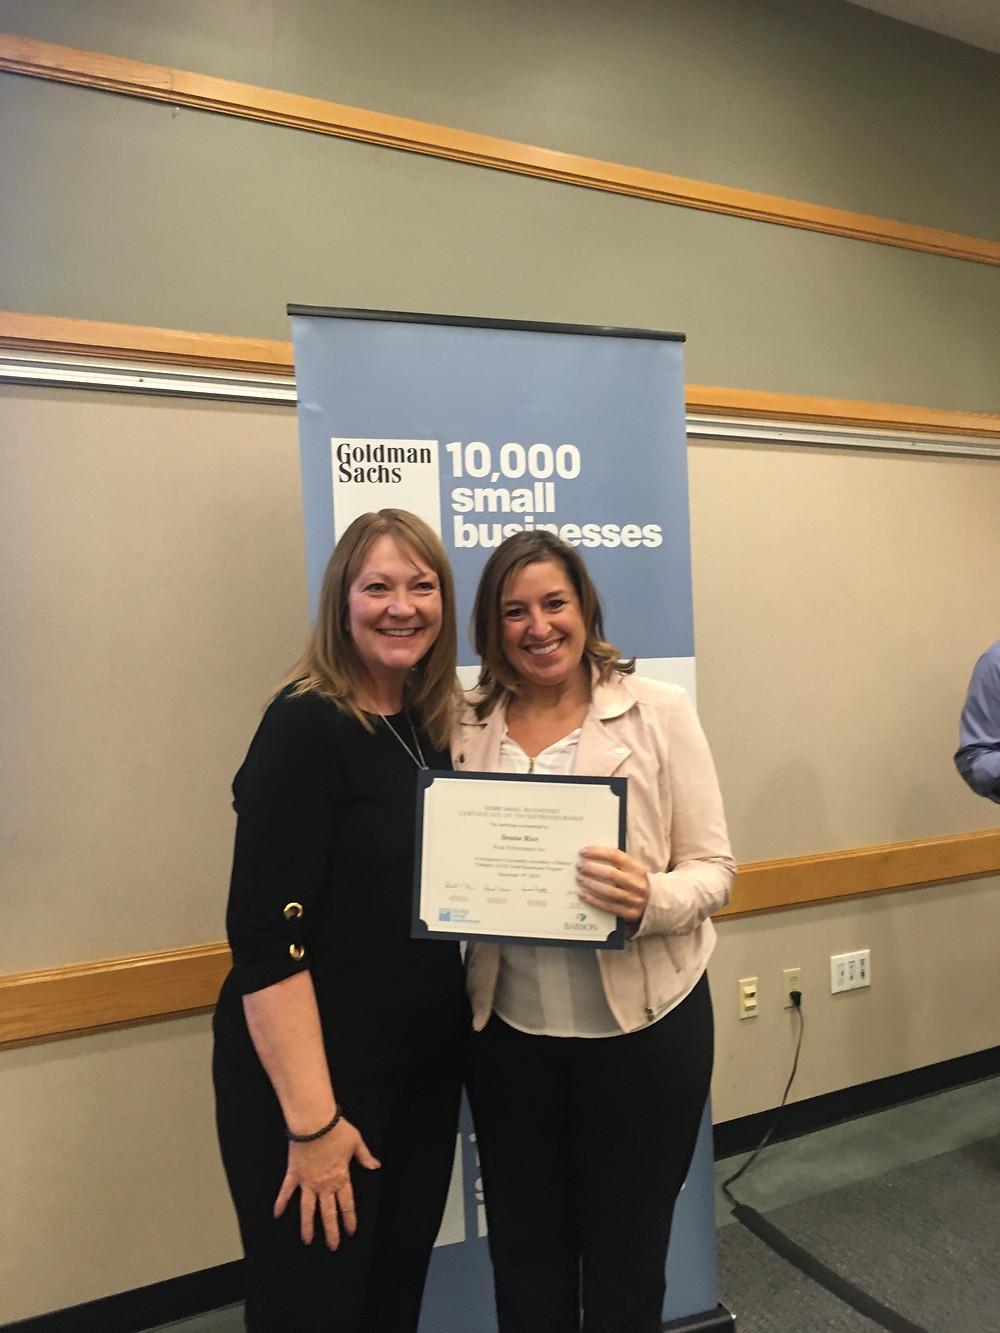 Denise Rice receives 10,000 Small Businesses Certificate of Entrepreneurship